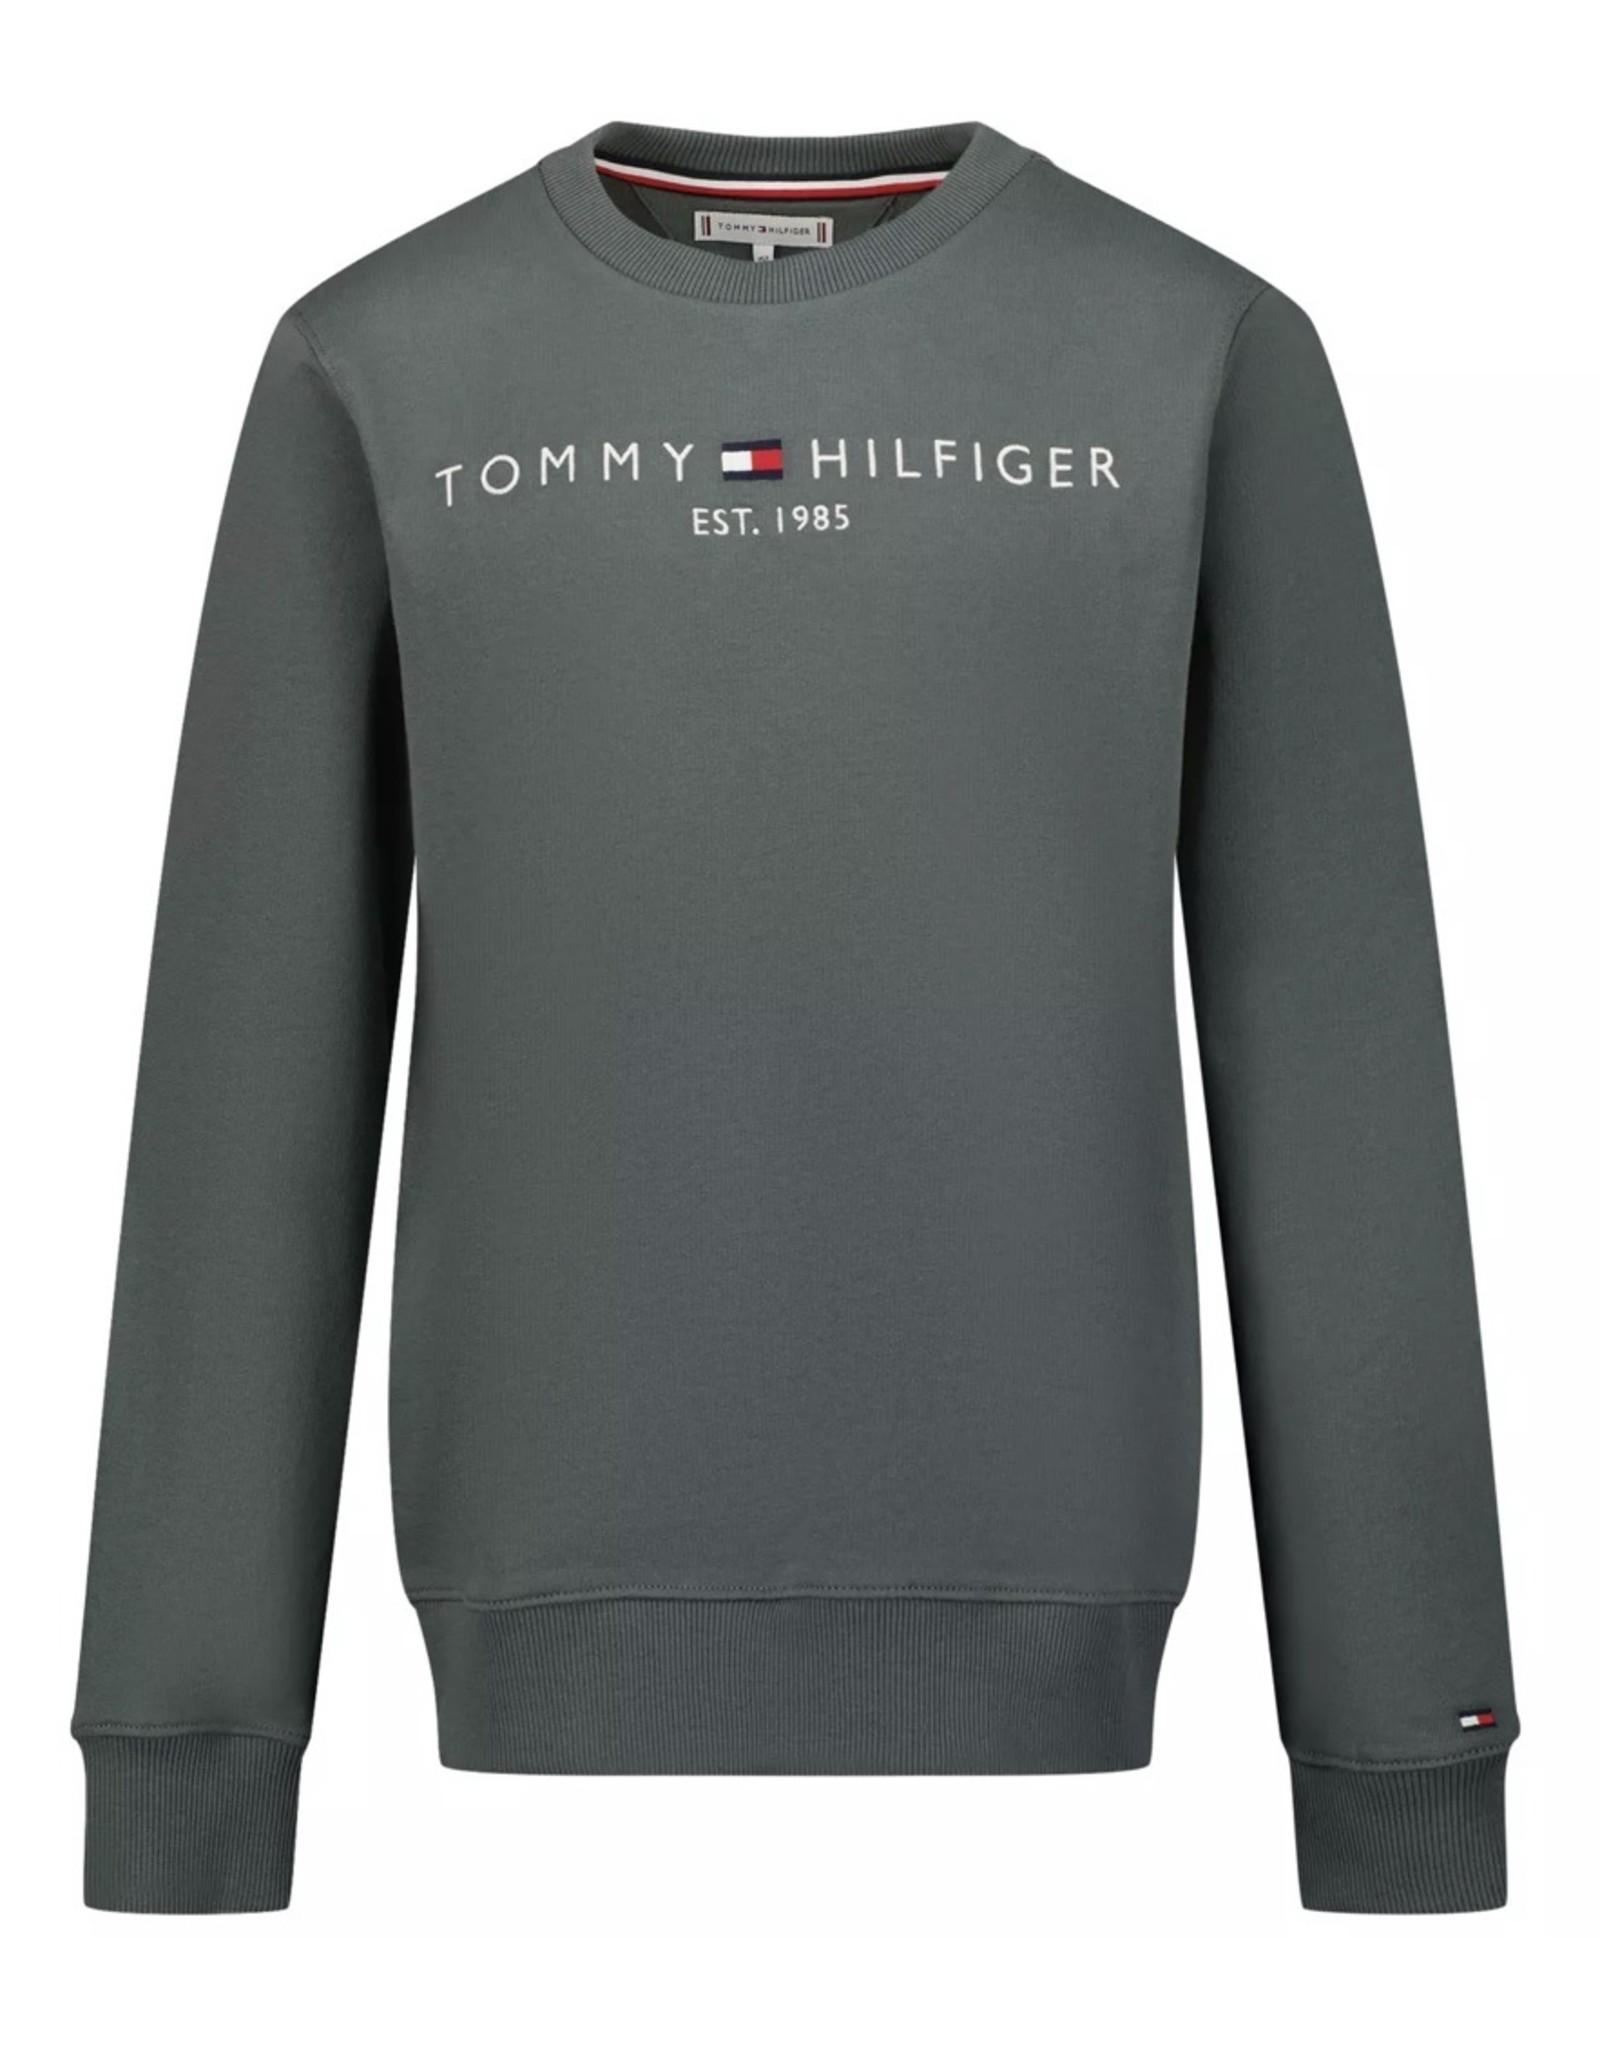 Tommy Hilfiger 0204 Sweatshirt